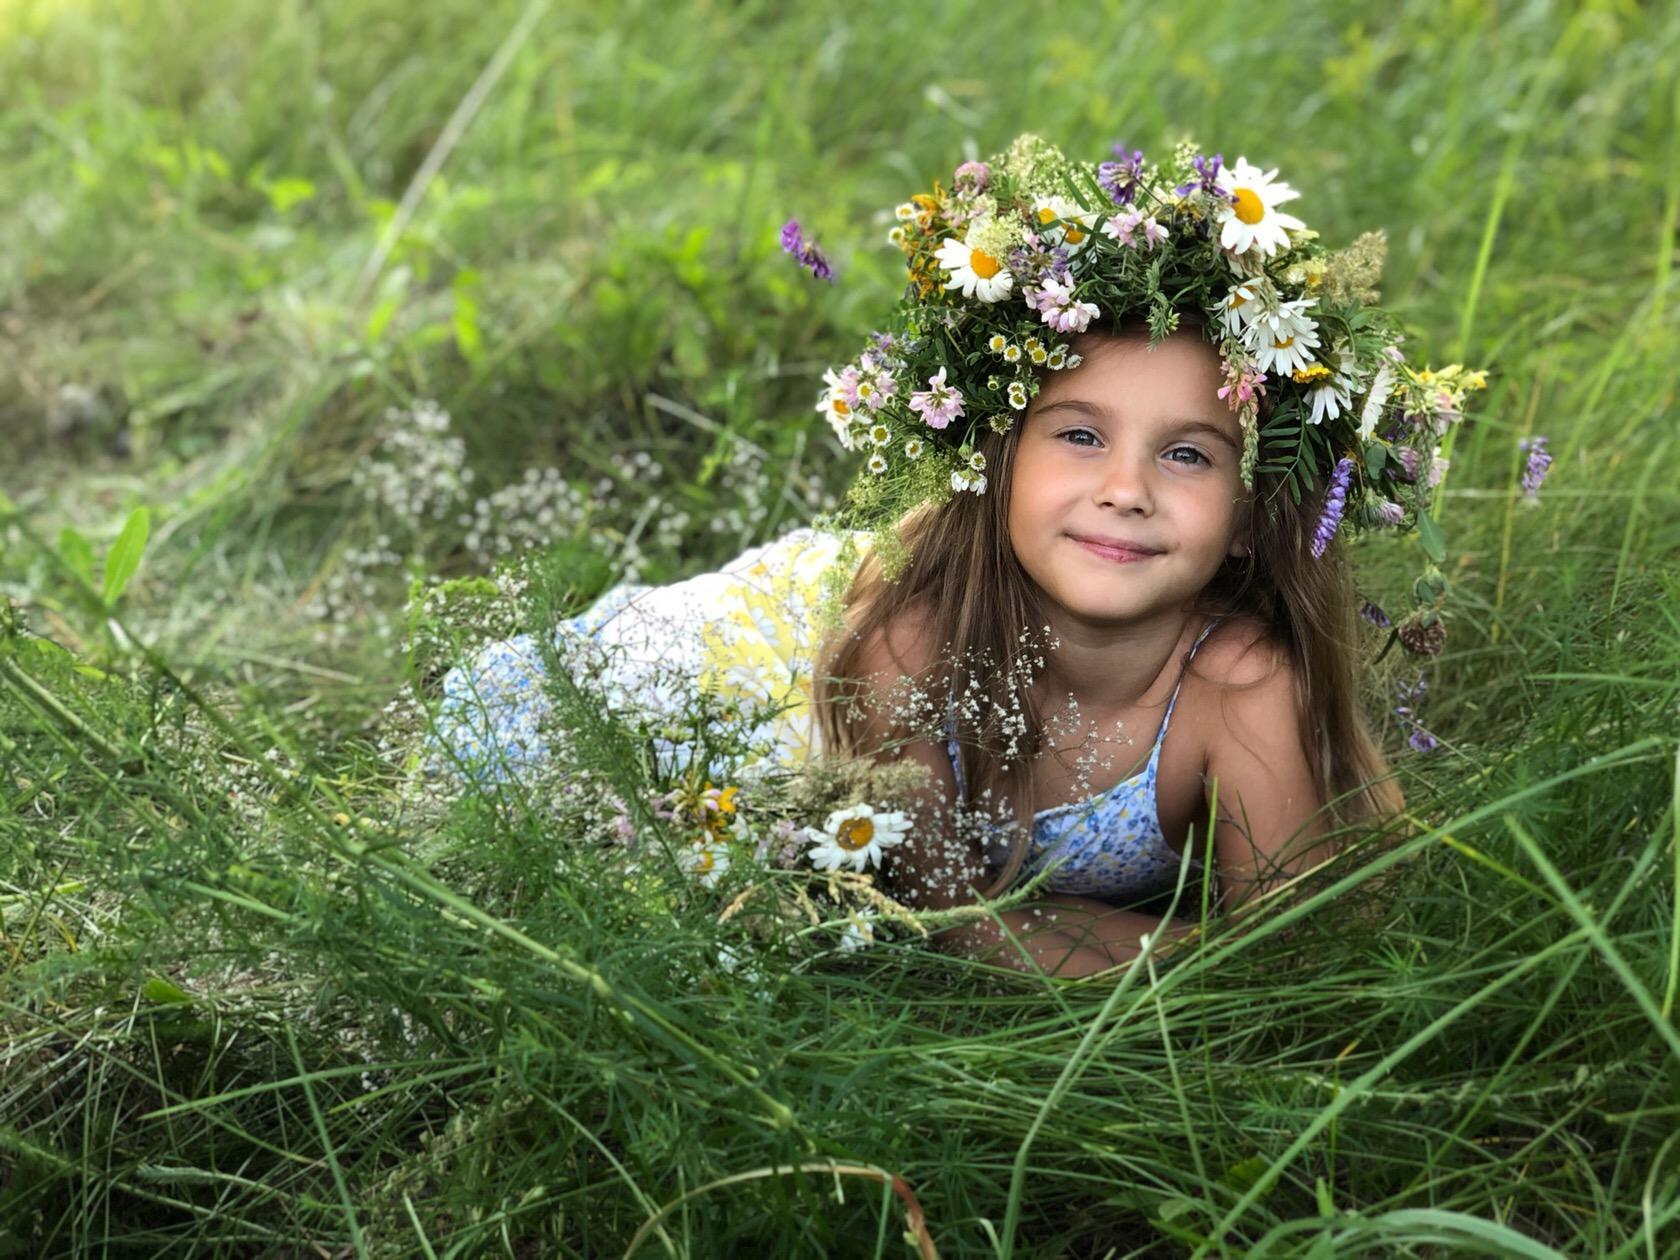 Полевые цветы и мой цветочек!. Наше лето